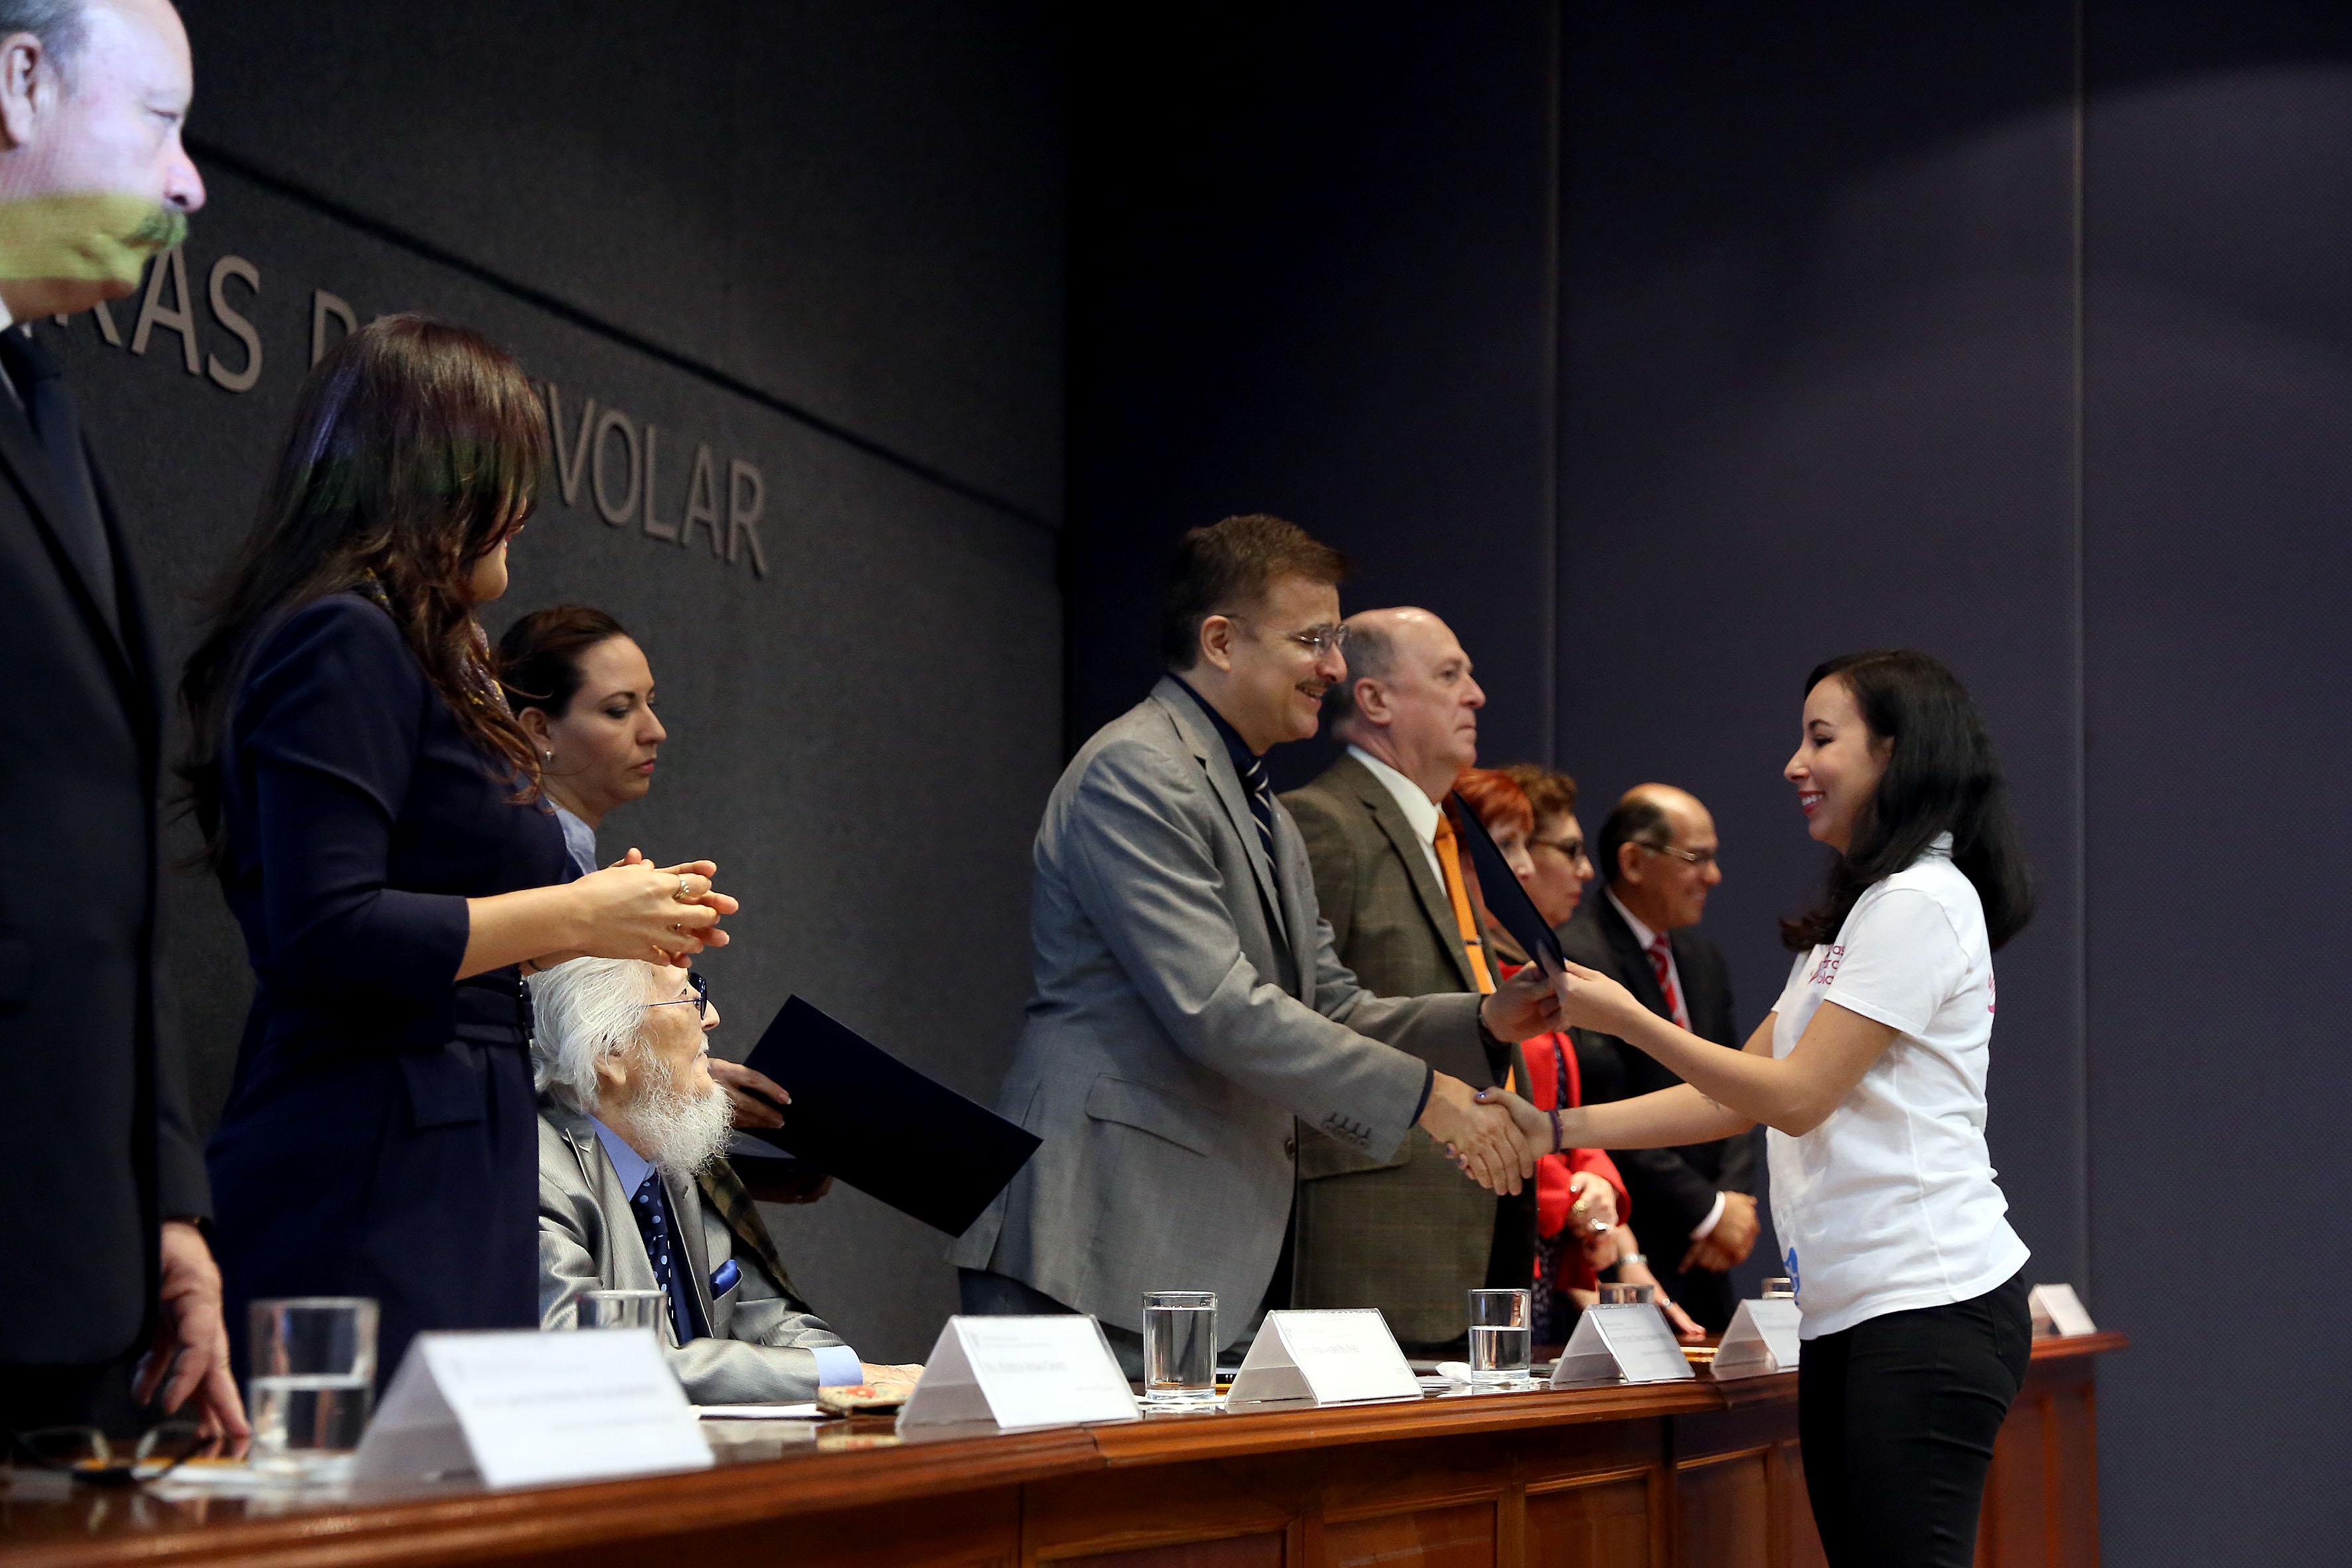 Rector General de la Universidad de Guadalajara, maestro Itzcóatl Tonatiuh Bravo Padilla, otorgando reconocimiento a personal participante en el programa de letras para volar.